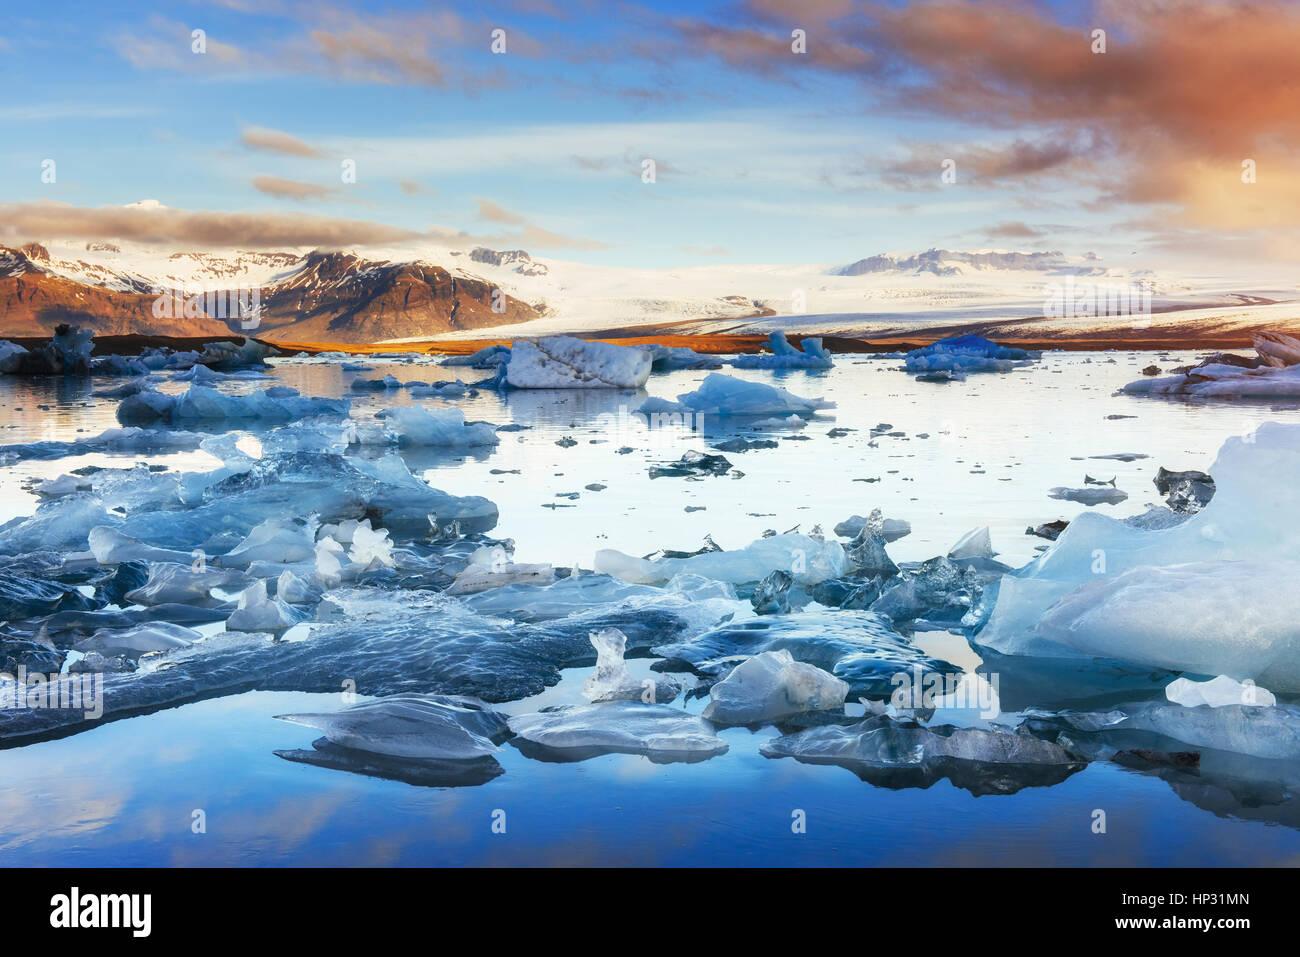 Les icebergs flottant dans le lac glaciaire Jökulsárlón dans l'ouest. Au sud Photo Stock